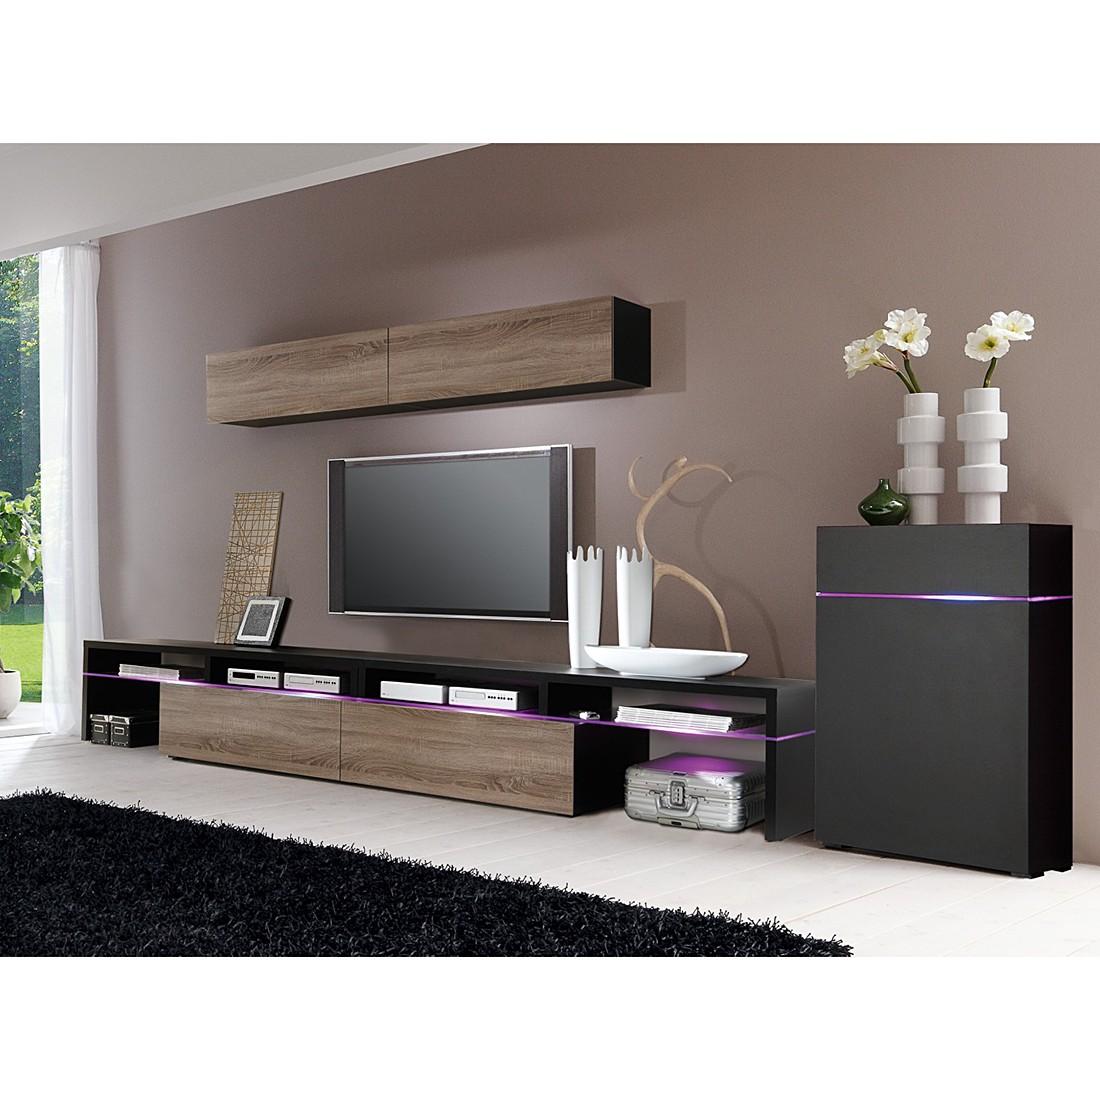 kommode compleo iv tr ffel dekor grauspiegelglas cs schmal bestellen. Black Bedroom Furniture Sets. Home Design Ideas